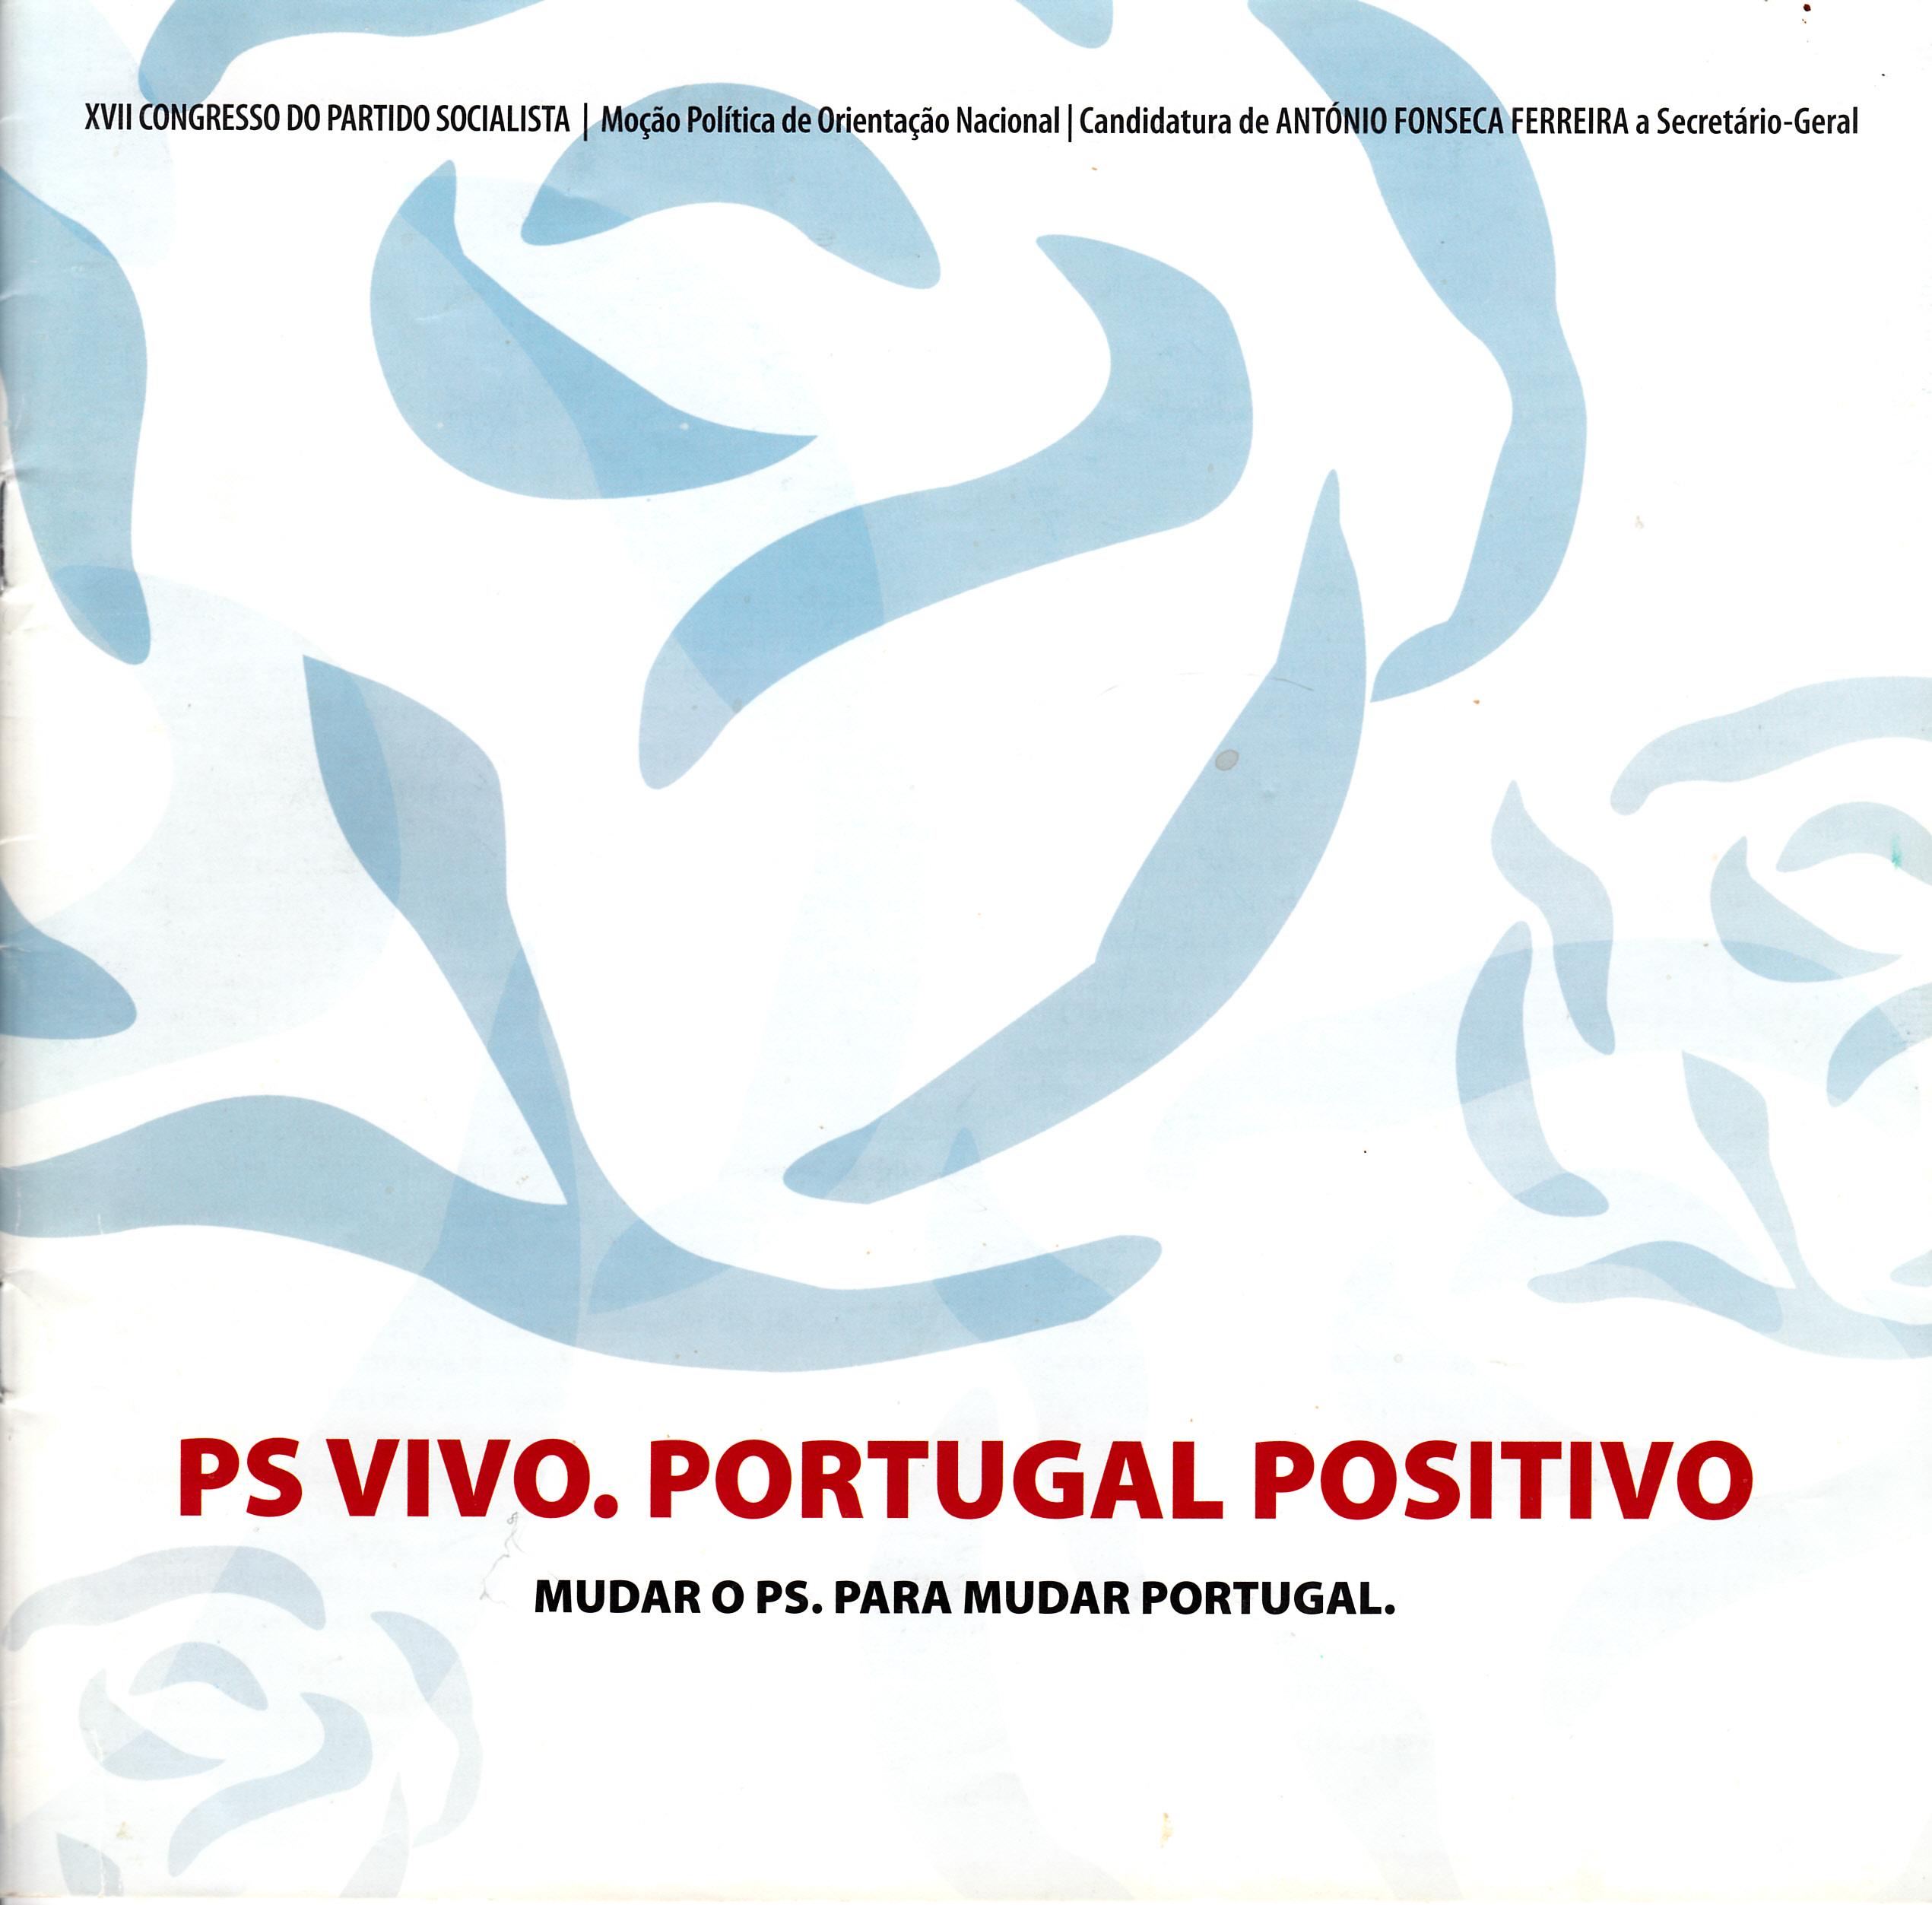 PS_xvii_congresso_2011